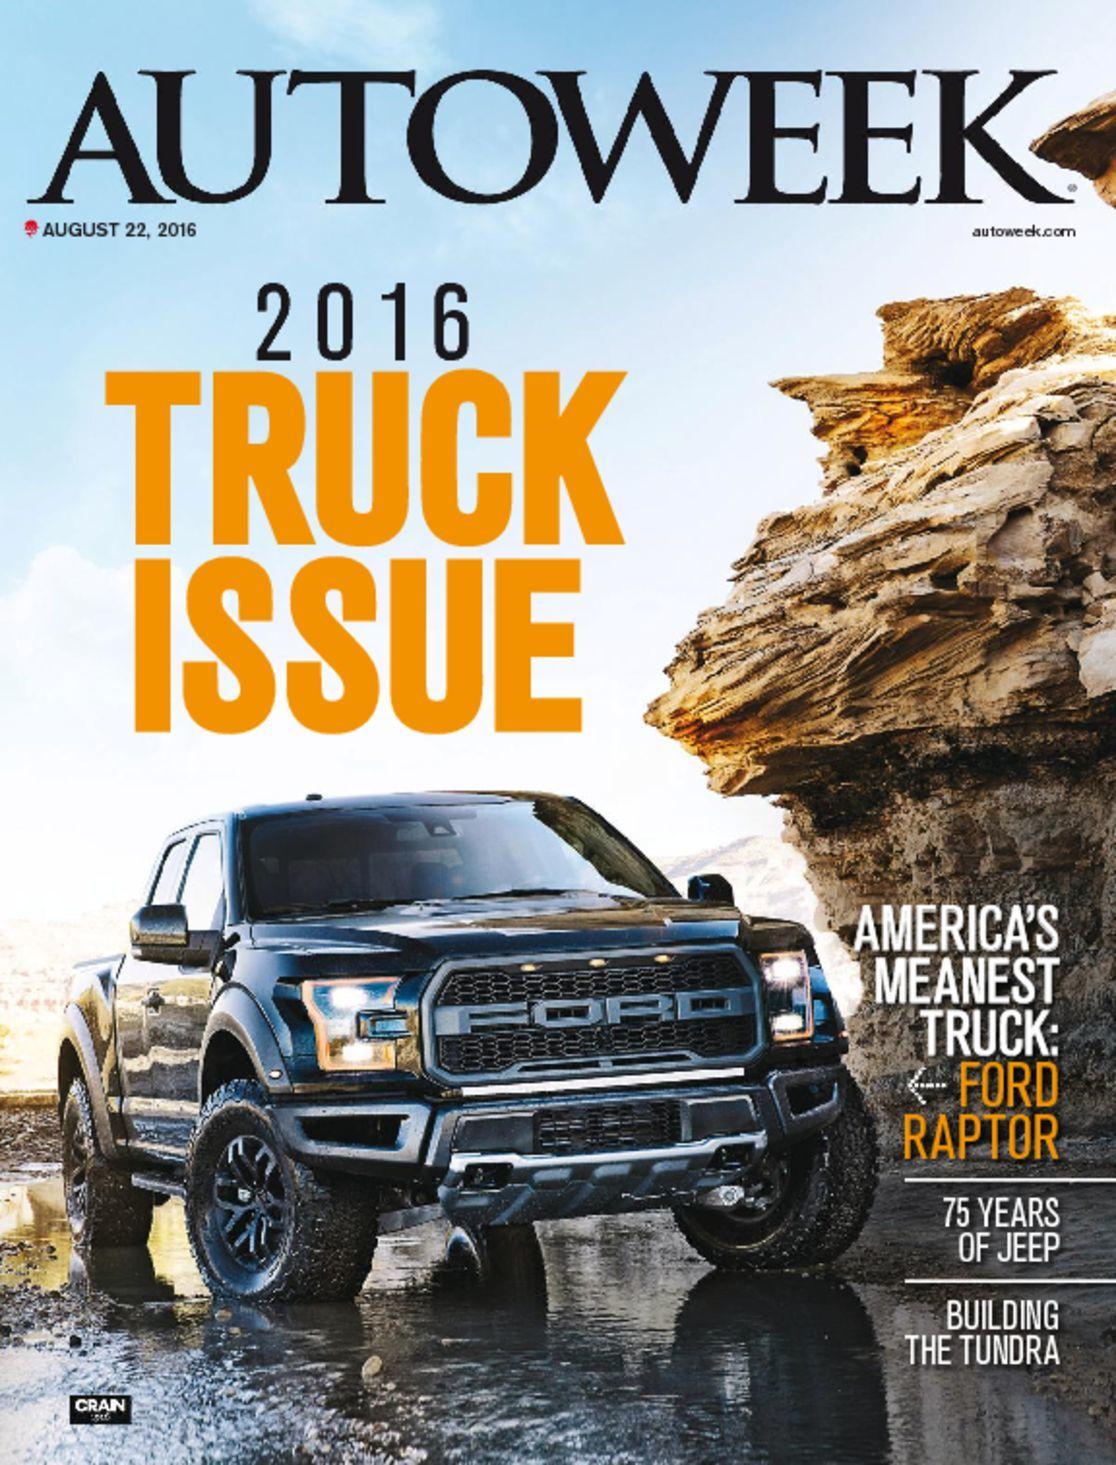 Autoweek Magazine | Car News and Reviews - DiscountMags.com